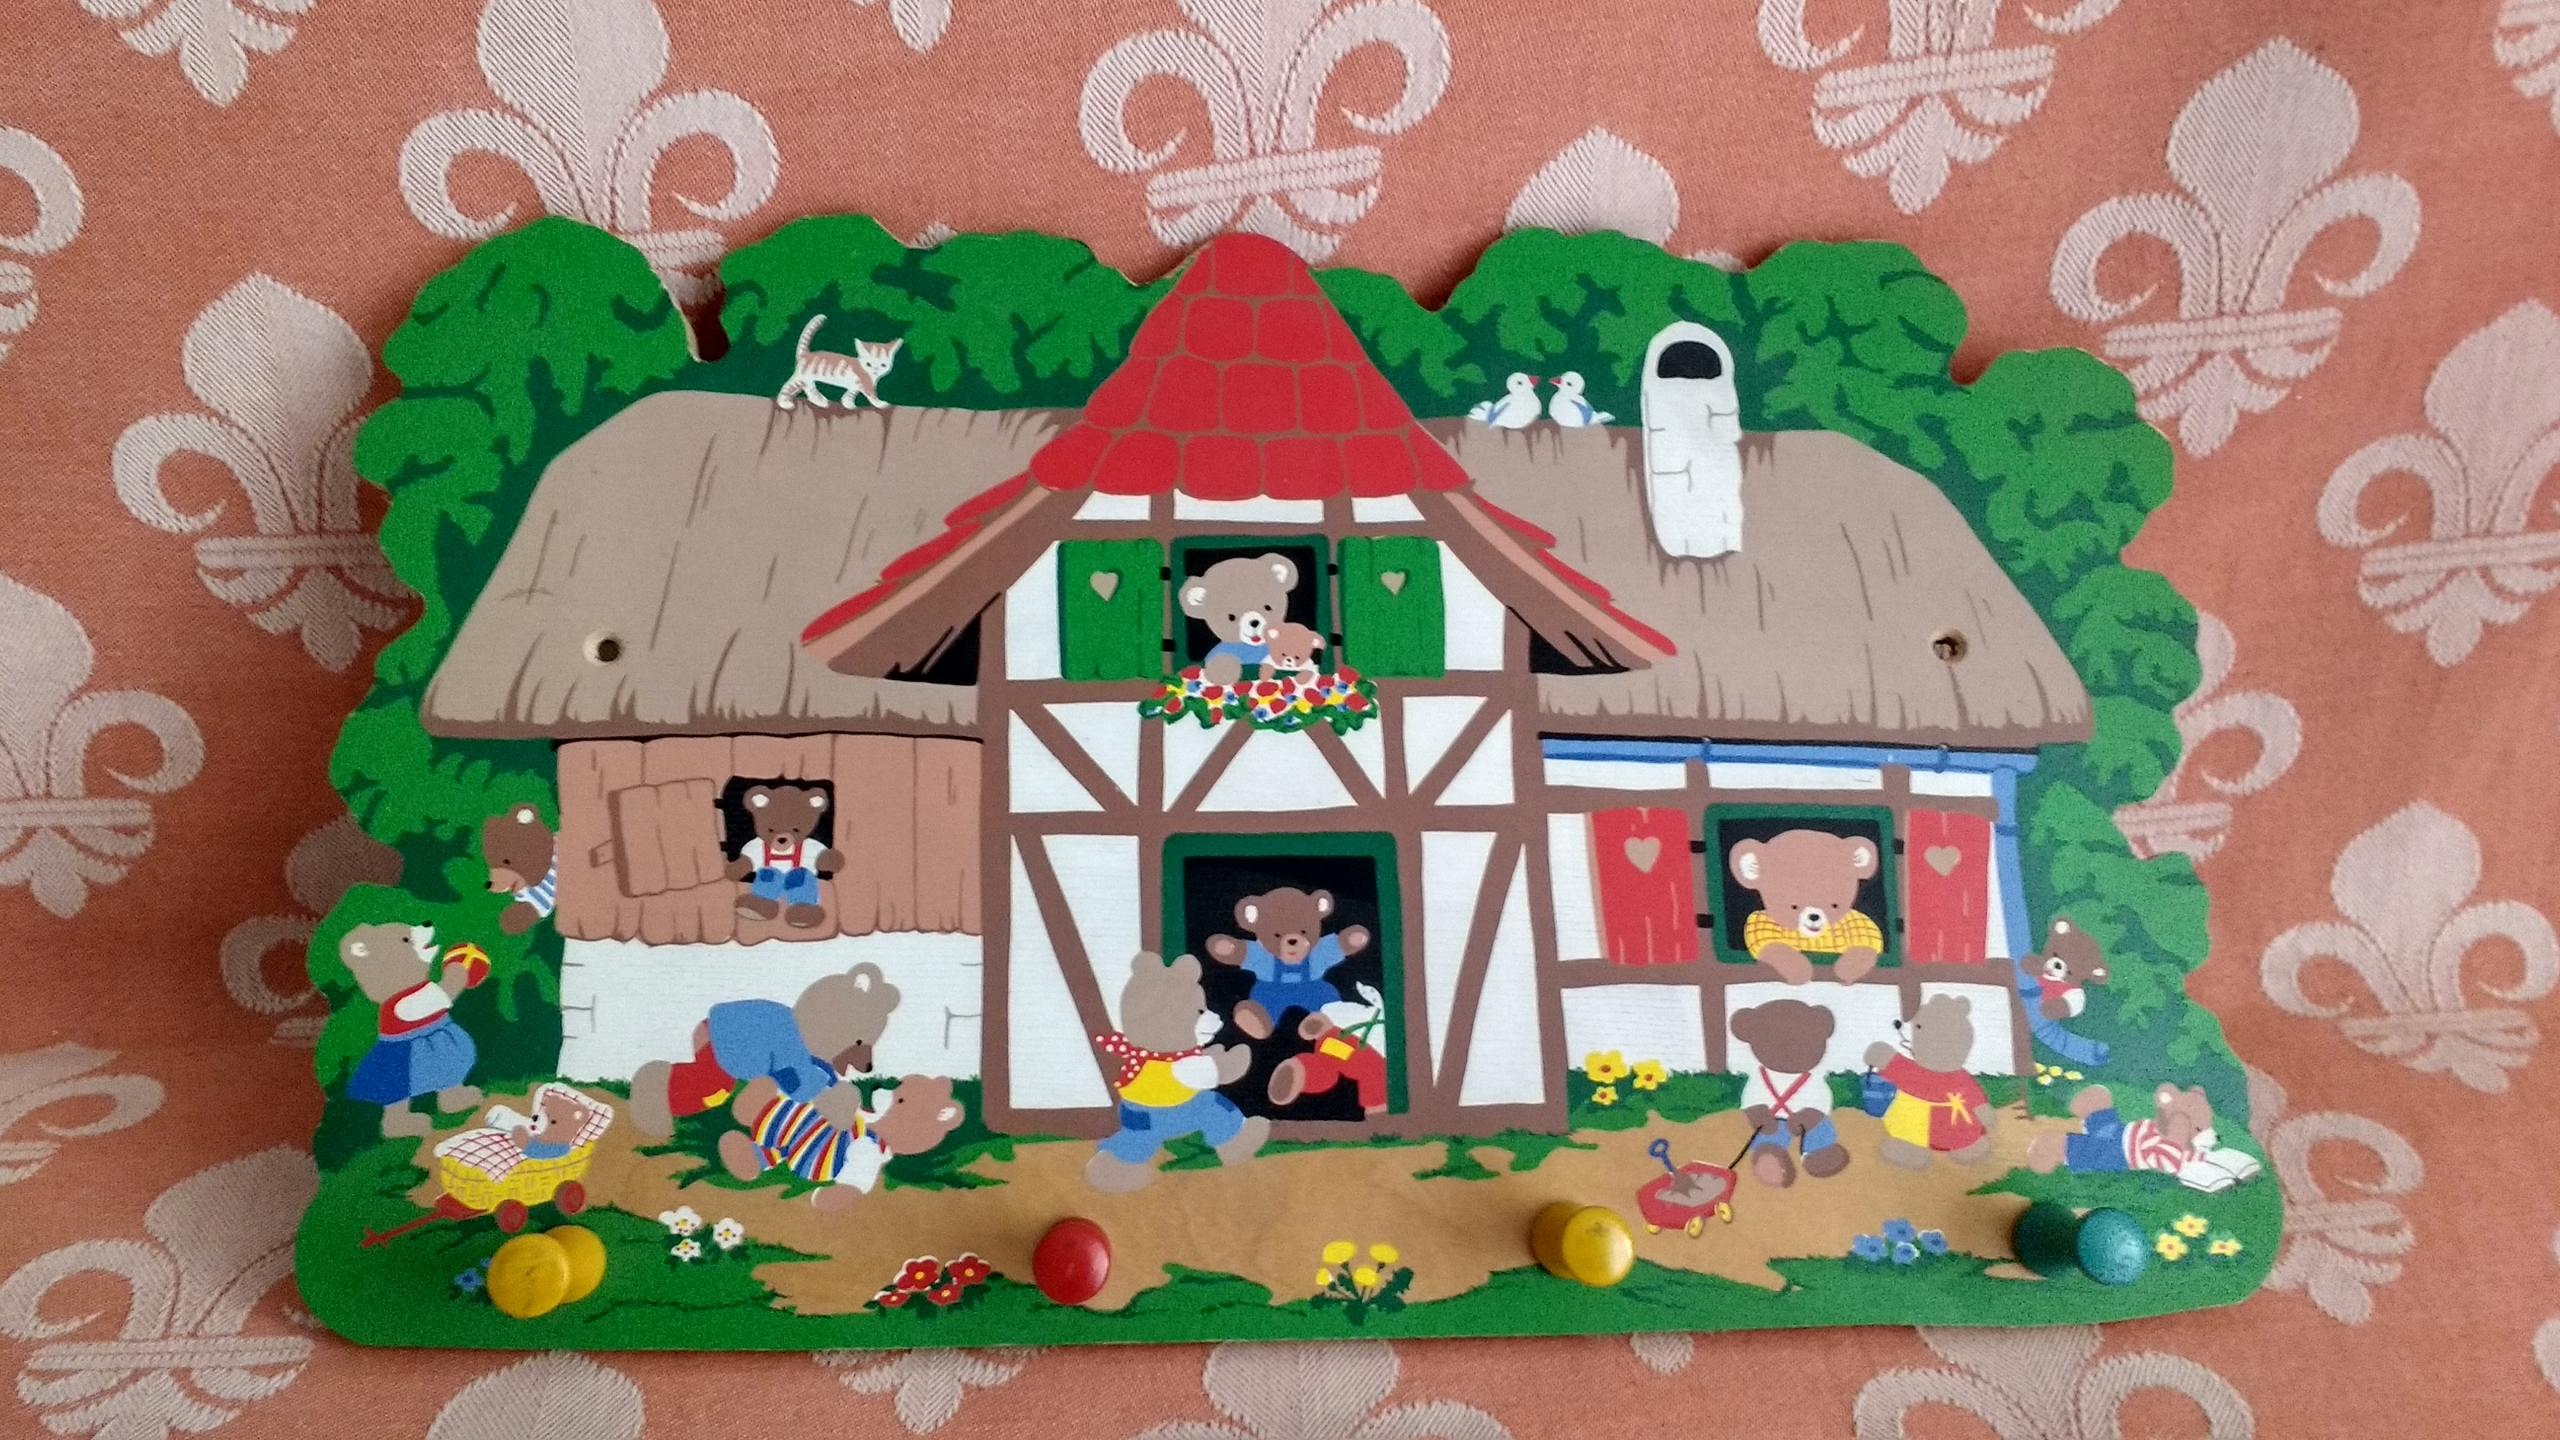 Drewniany wieszak dziecięcy na kołeczki - Misie